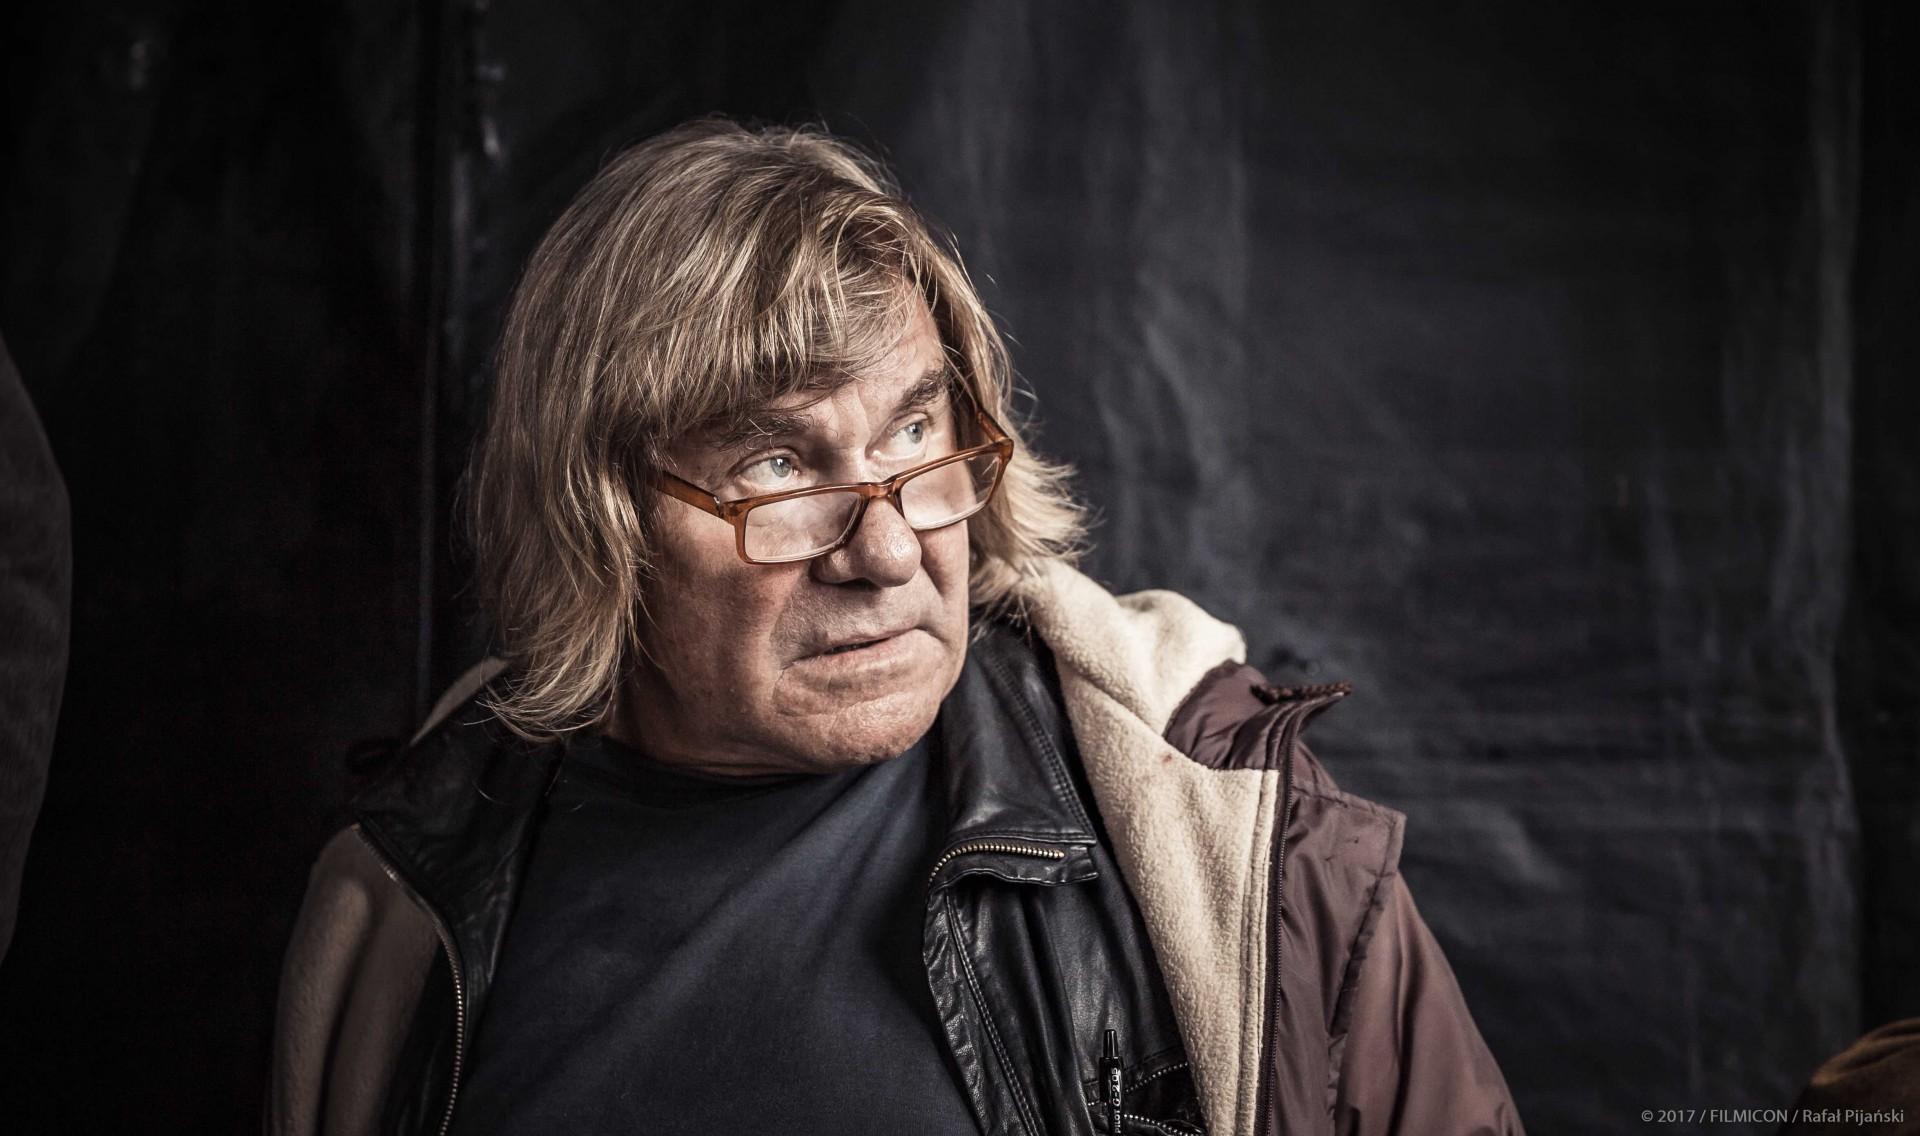 """Janusz Gajos Kaszubą. """"Kamerdyner"""" w kinach od 21 września [TRAILER]"""